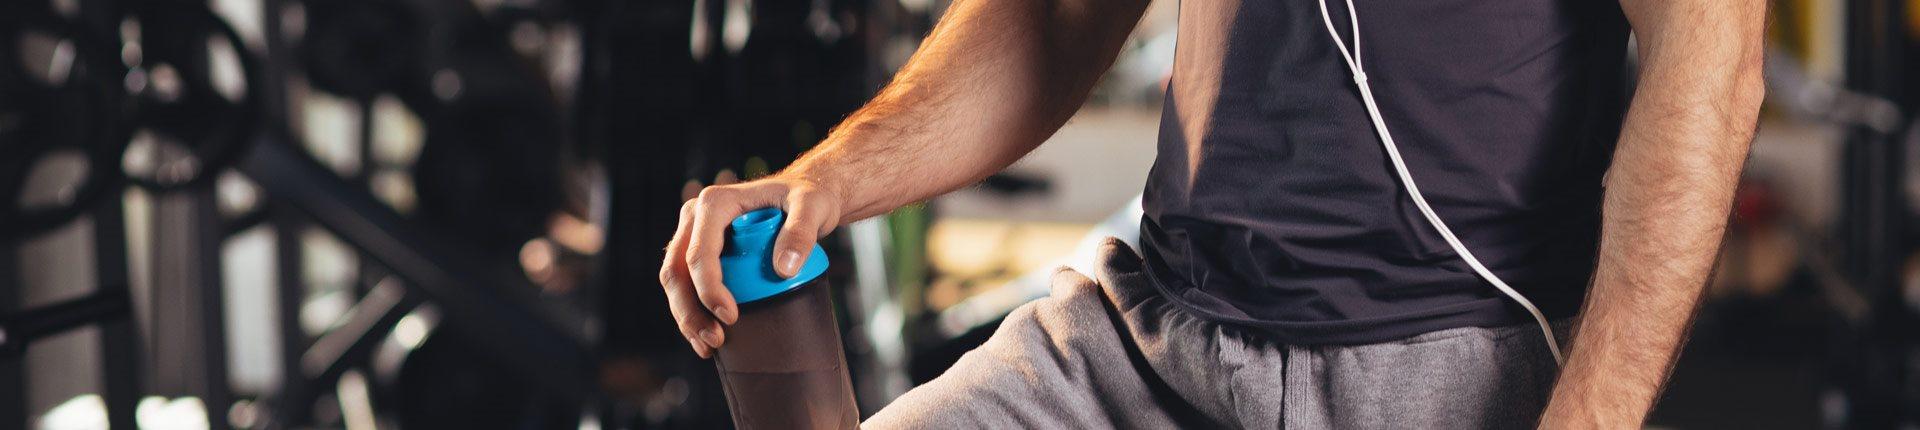 Jakie suplementy po przerwie w treningu na siłowni?